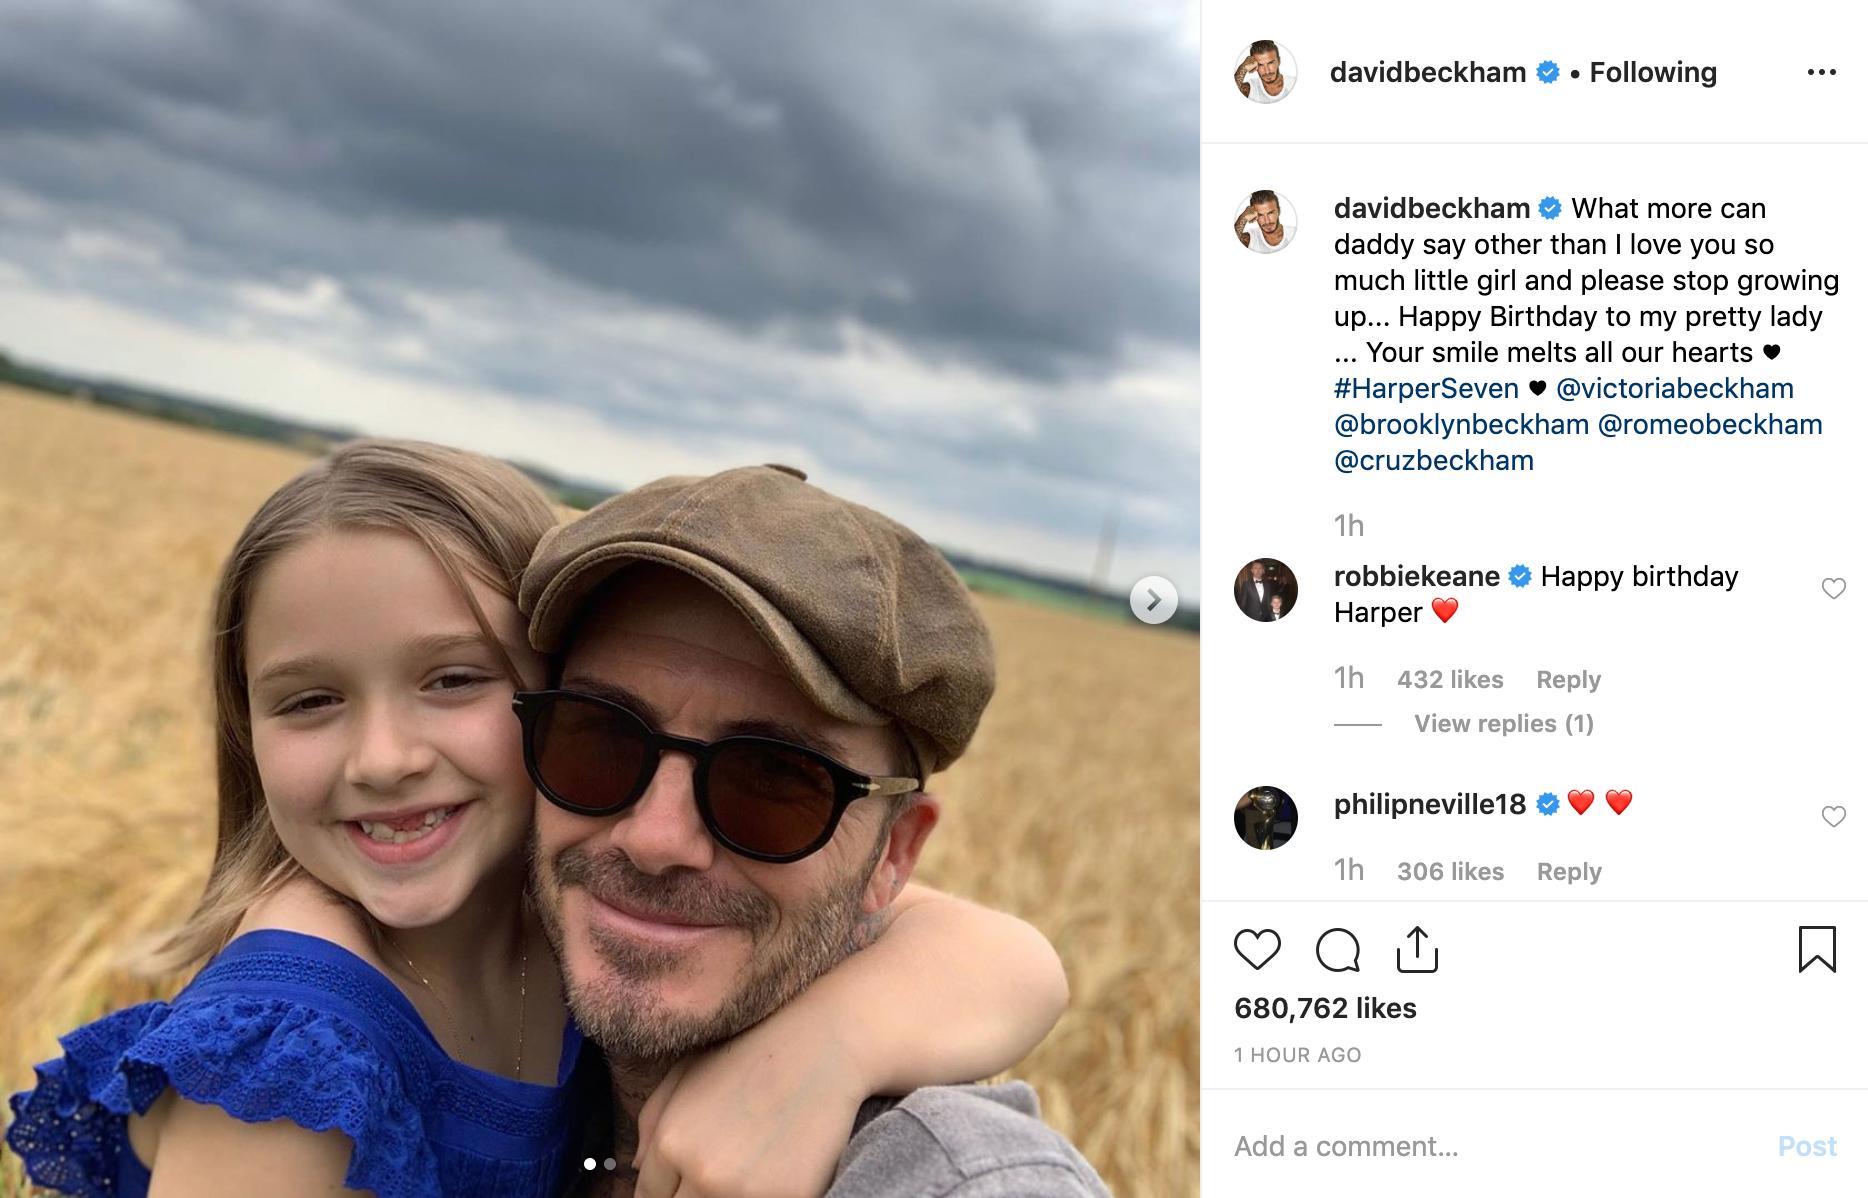 Cả nhà Beckham đăng ảnh chúc mừng sinh nhật Harper 8 tuổi, nhan sắc rực rỡ đáng yêu của cô bé gây chú ý - Ảnh 1.